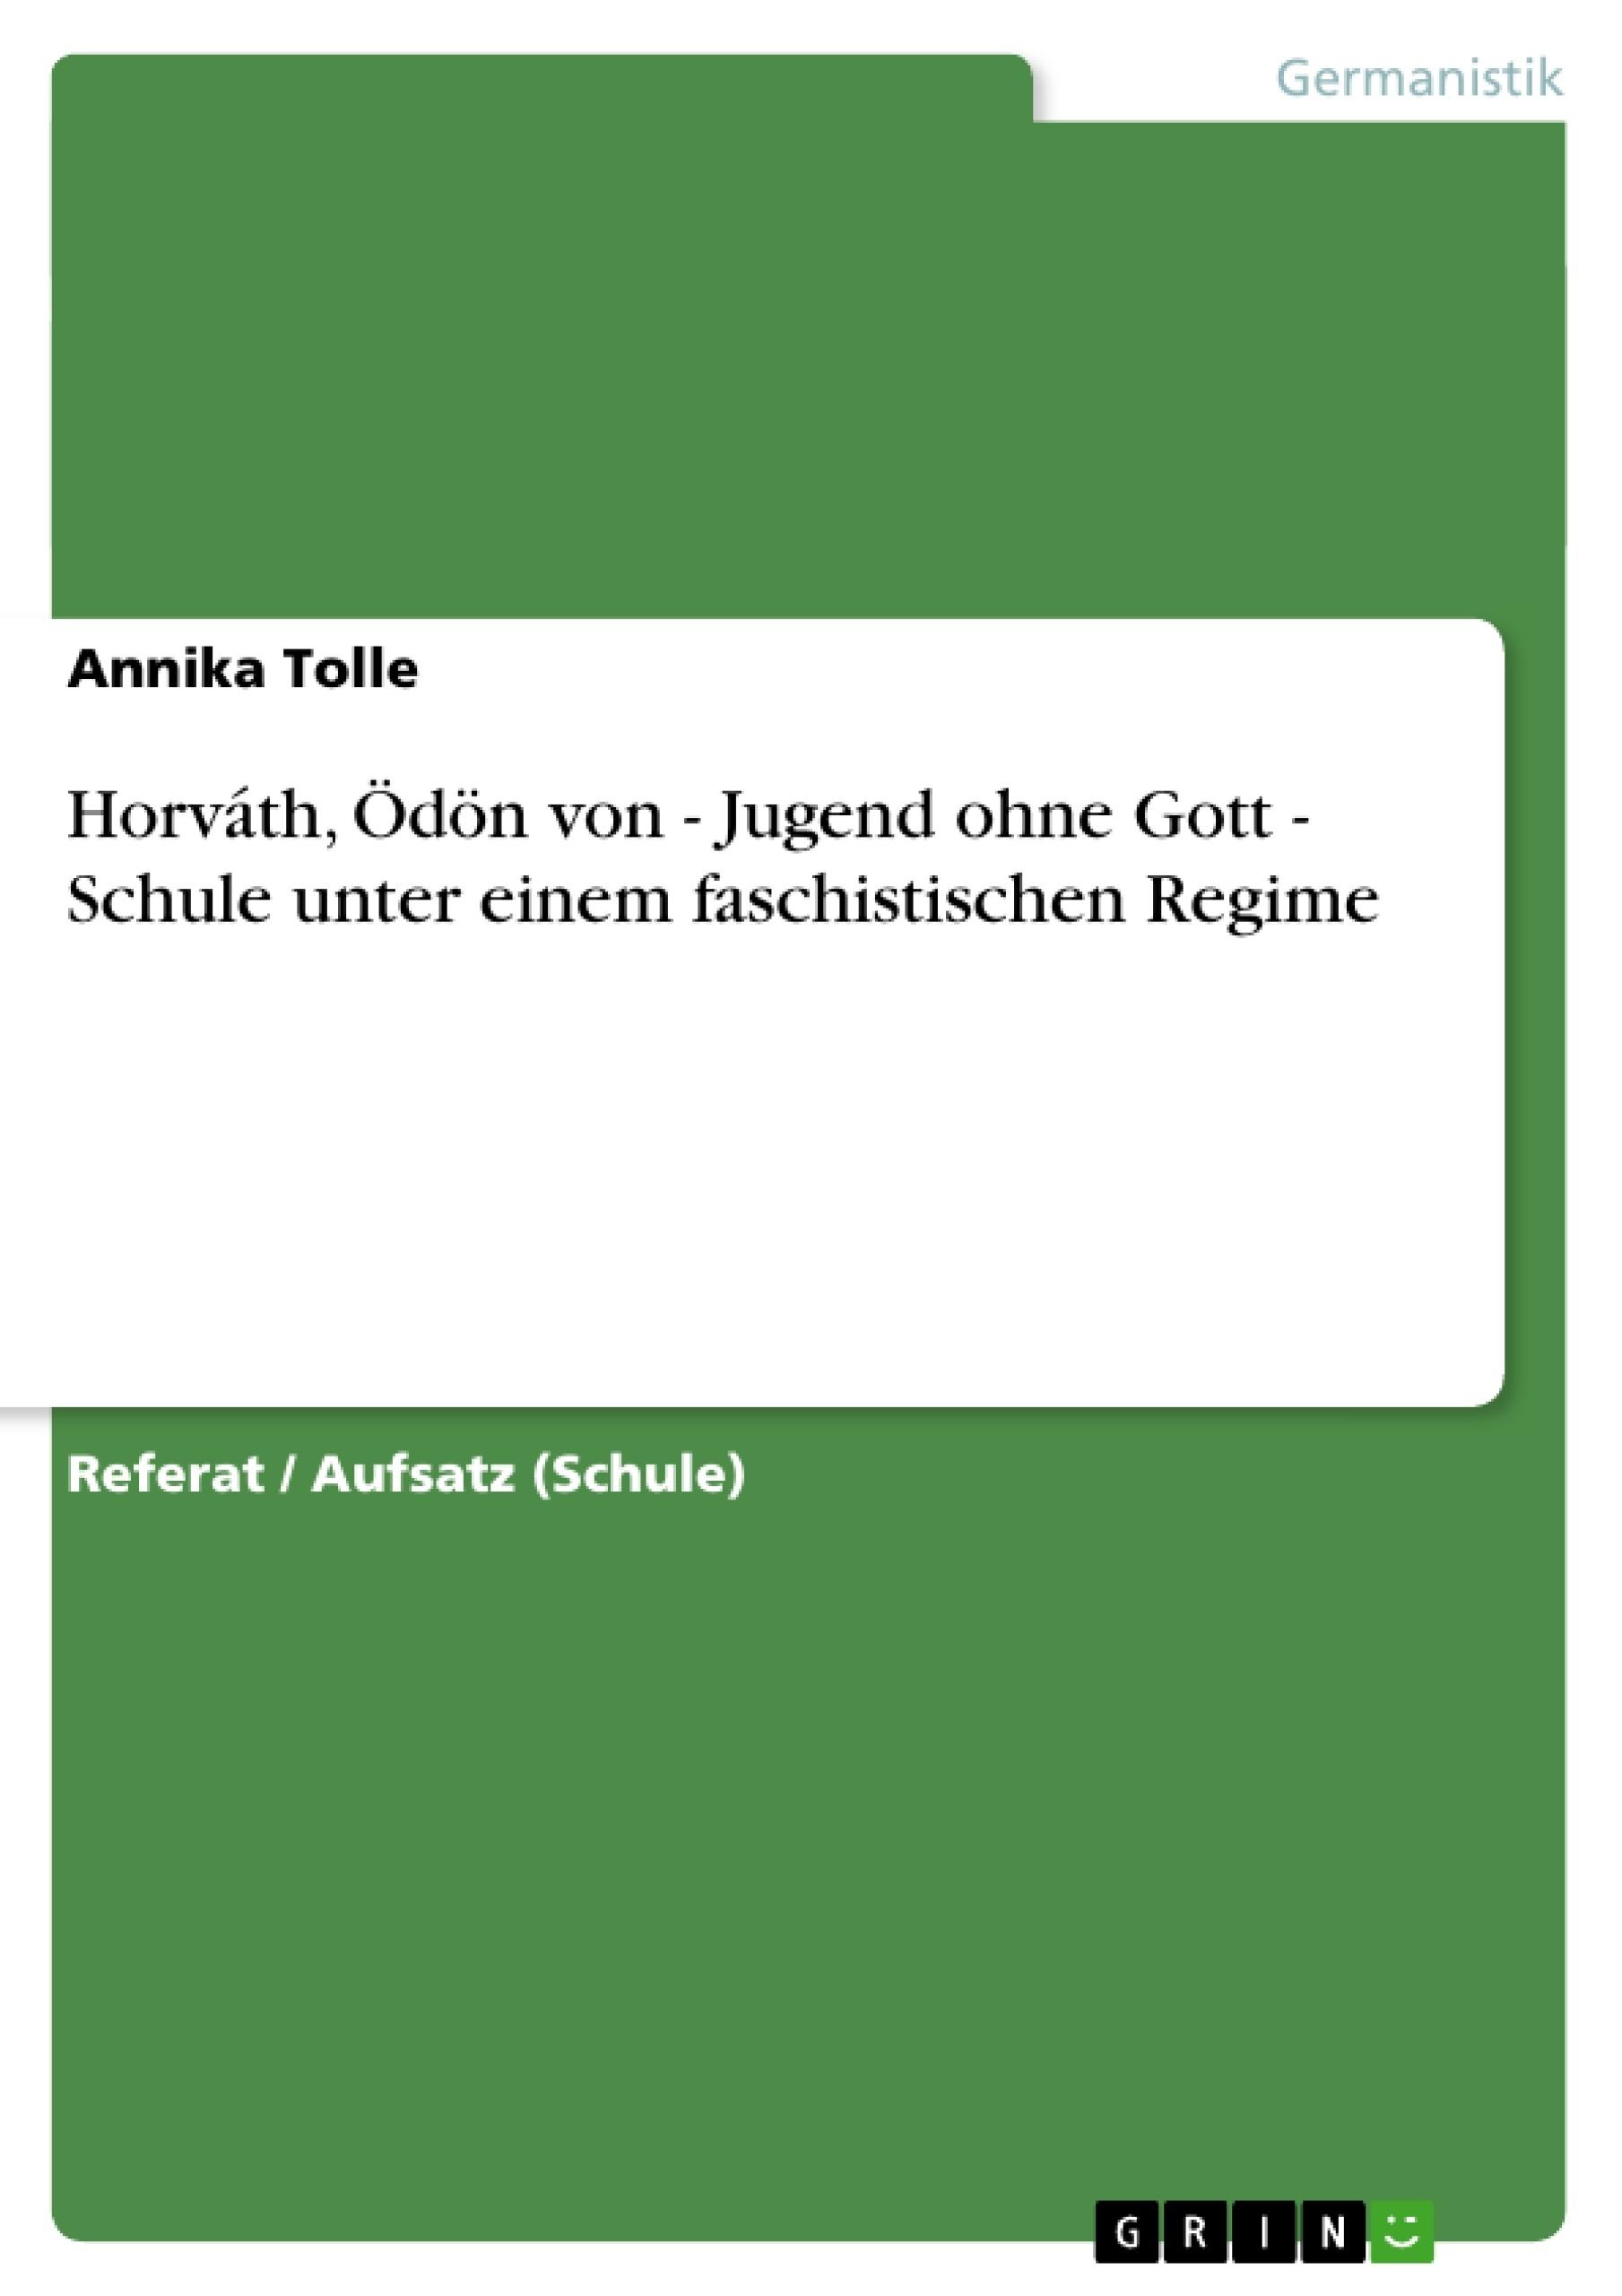 Titel: Horváth, Ödön von - Jugend ohne Gott - Schule unter einem faschistischen Regime